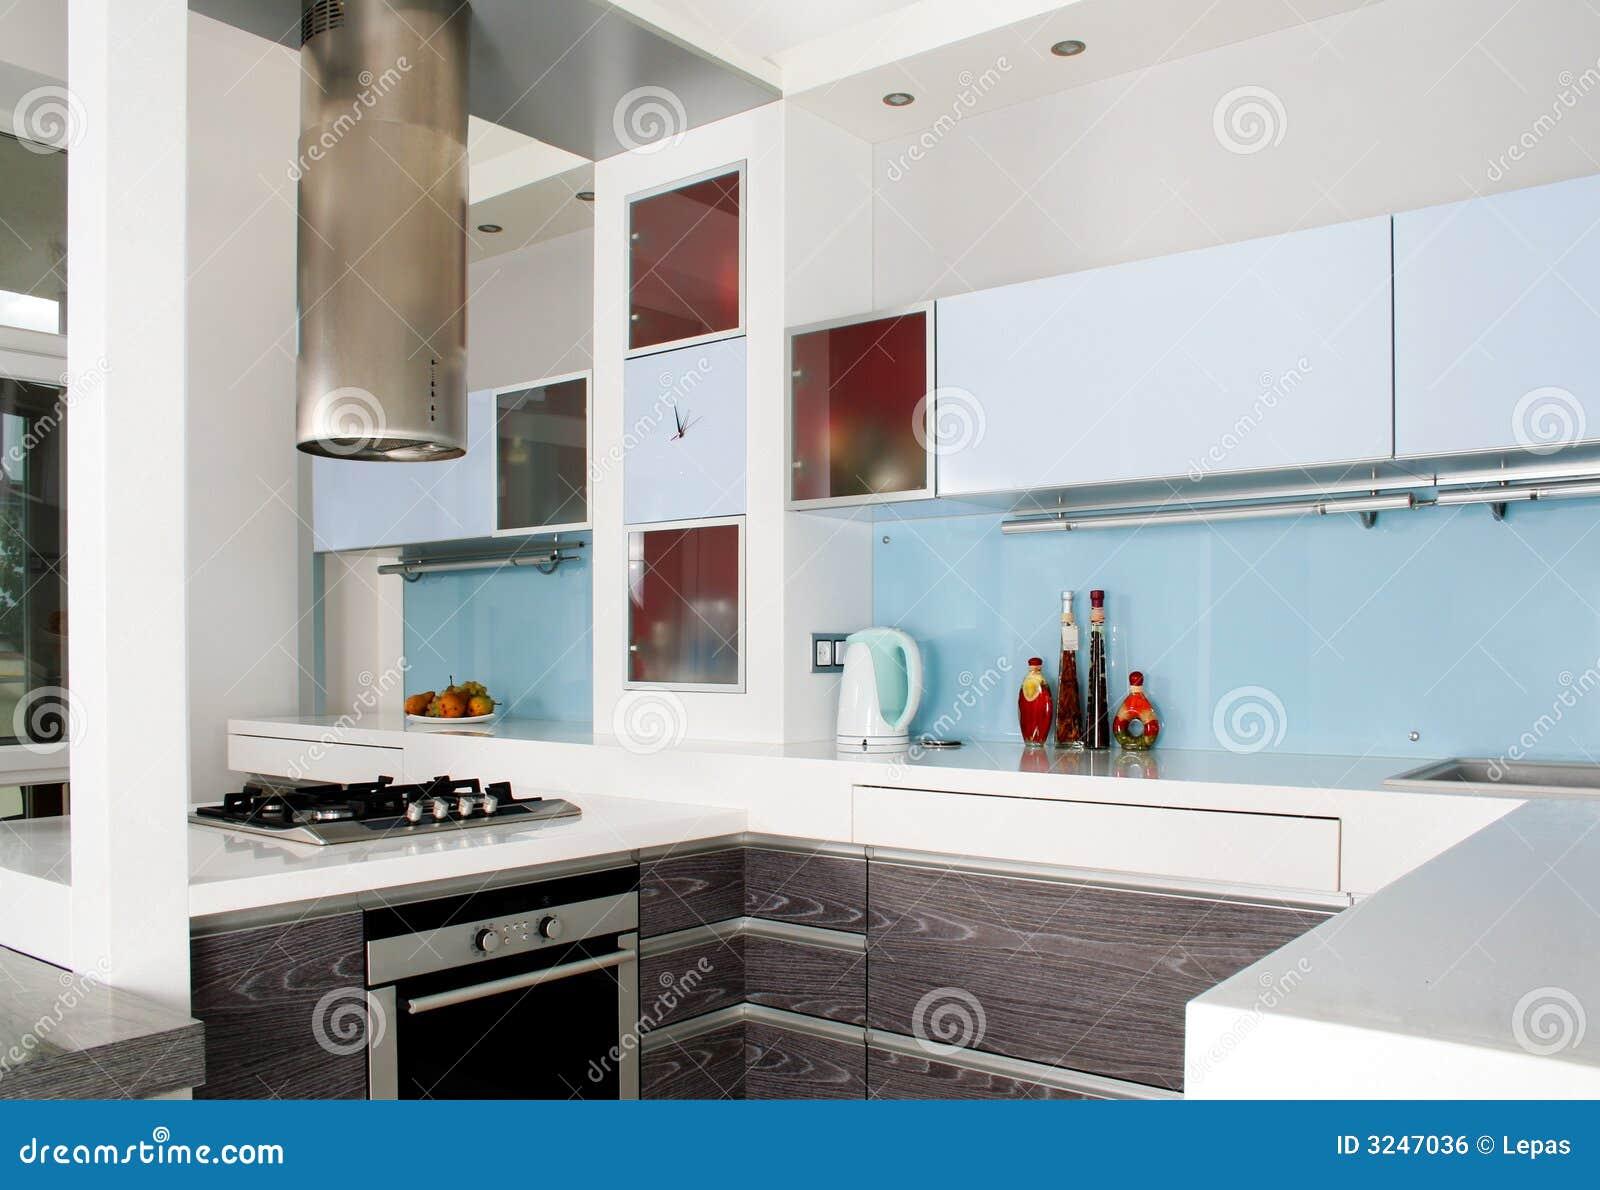 Cozinha Branca Moderna Foto De Stock Imagem De Residential 3247036